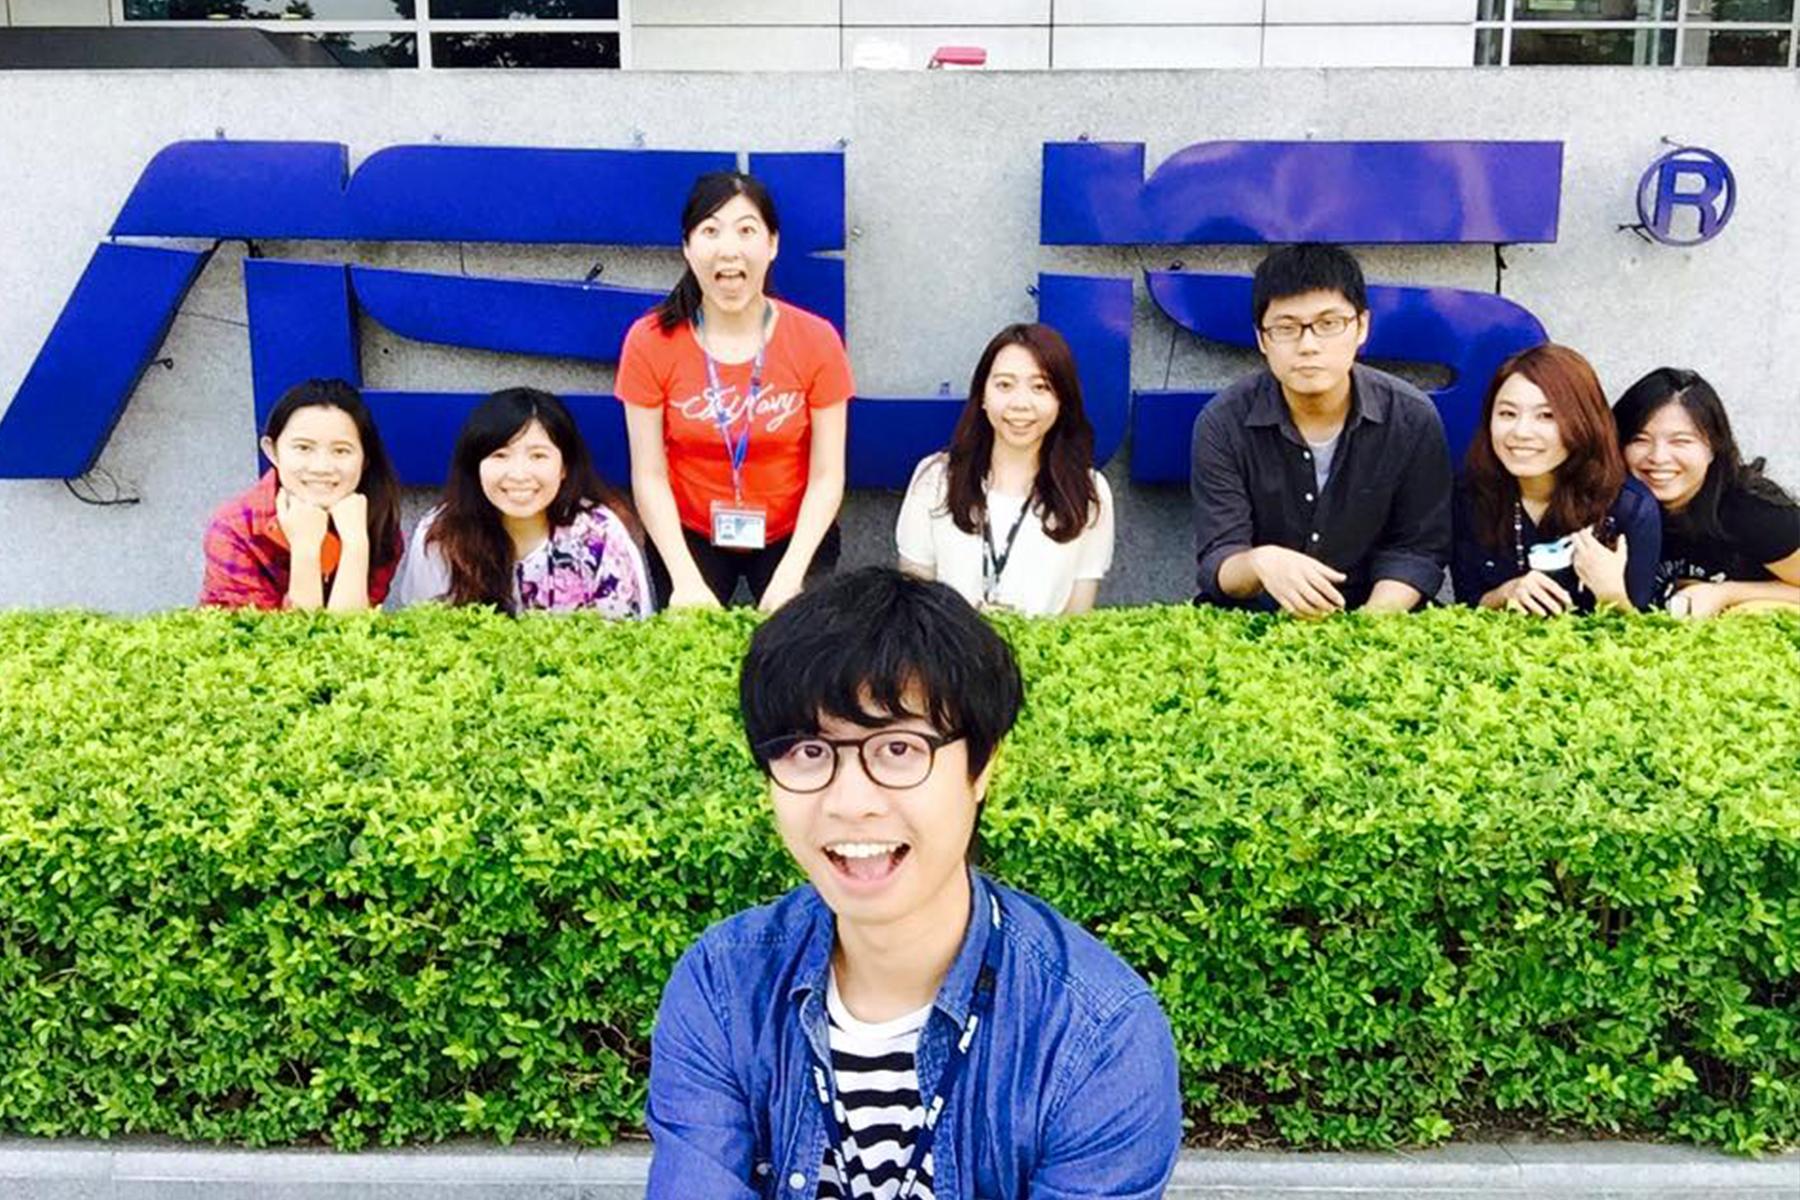 At ASUS Corporate Headquarter.